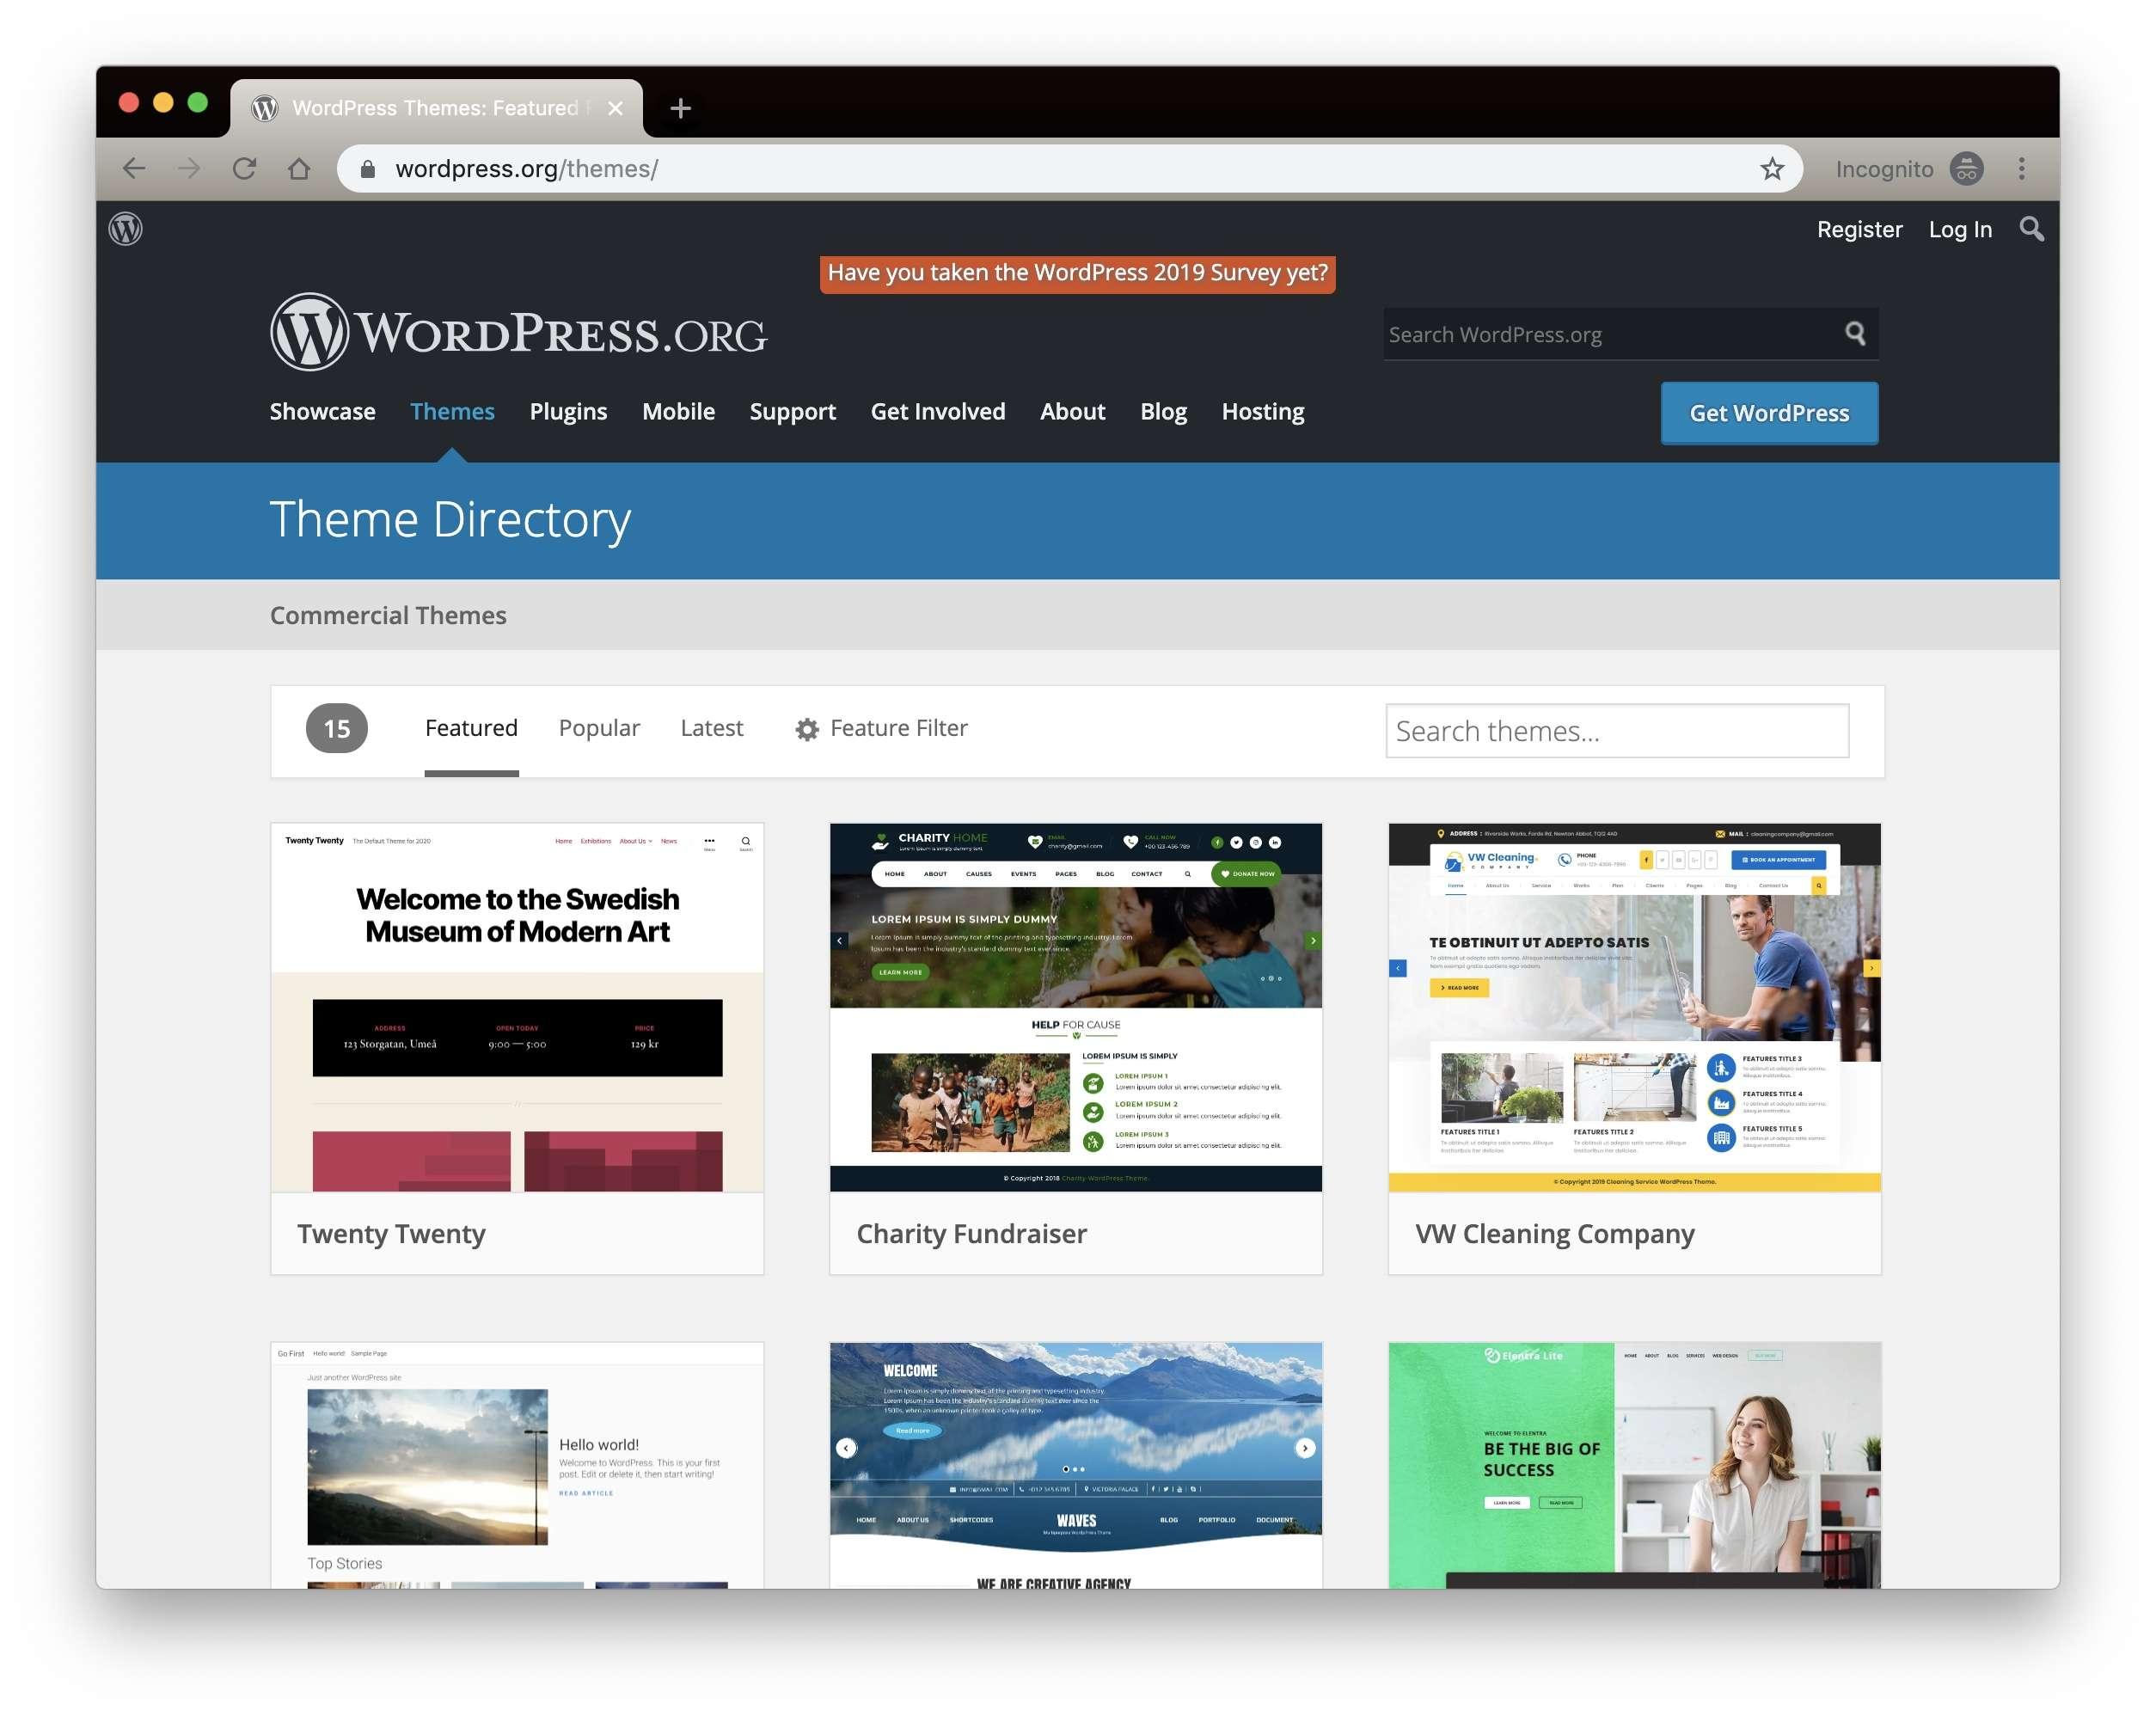 WordPress.org Theme Search